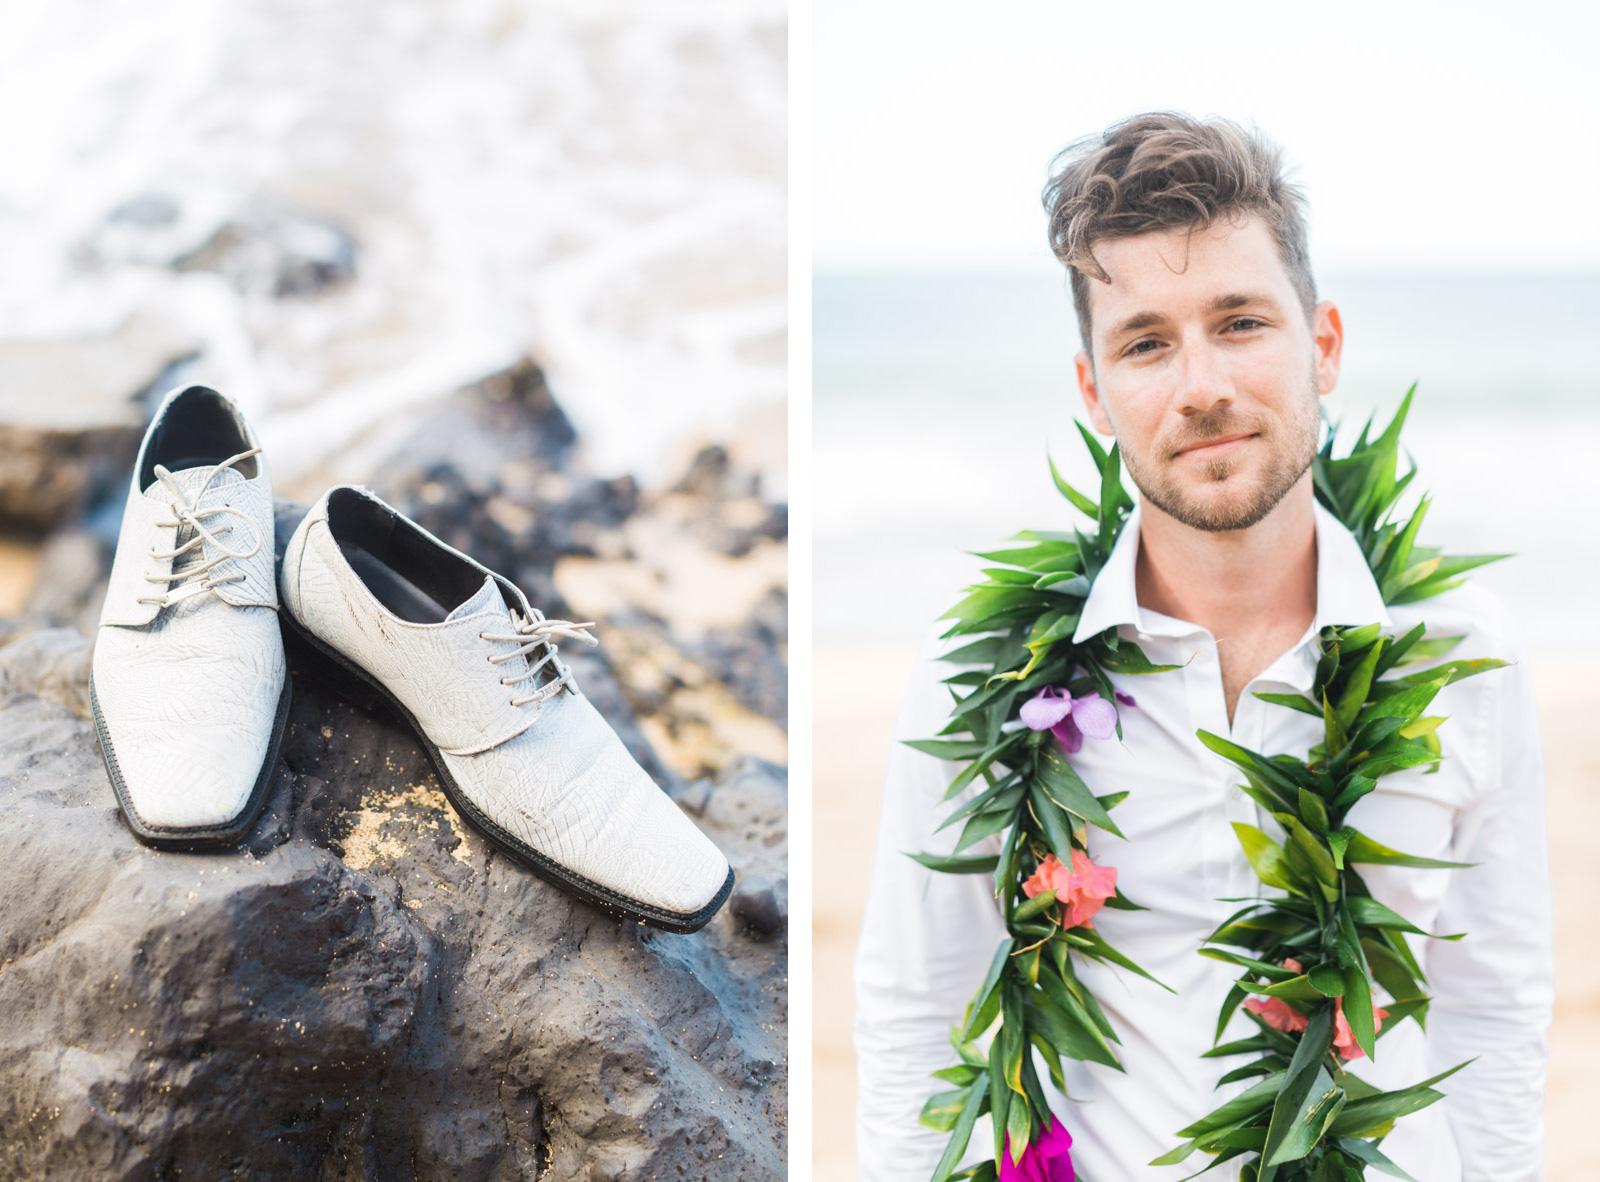 Natalie-Schutt-Photography--Maui-Wedding-Photographer_01.jpg